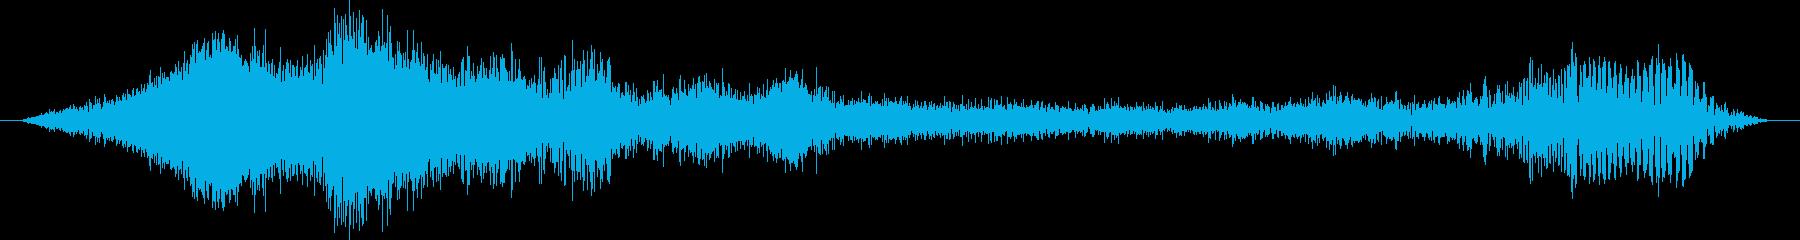 エレクトロプラズマスペースクラフト...の再生済みの波形